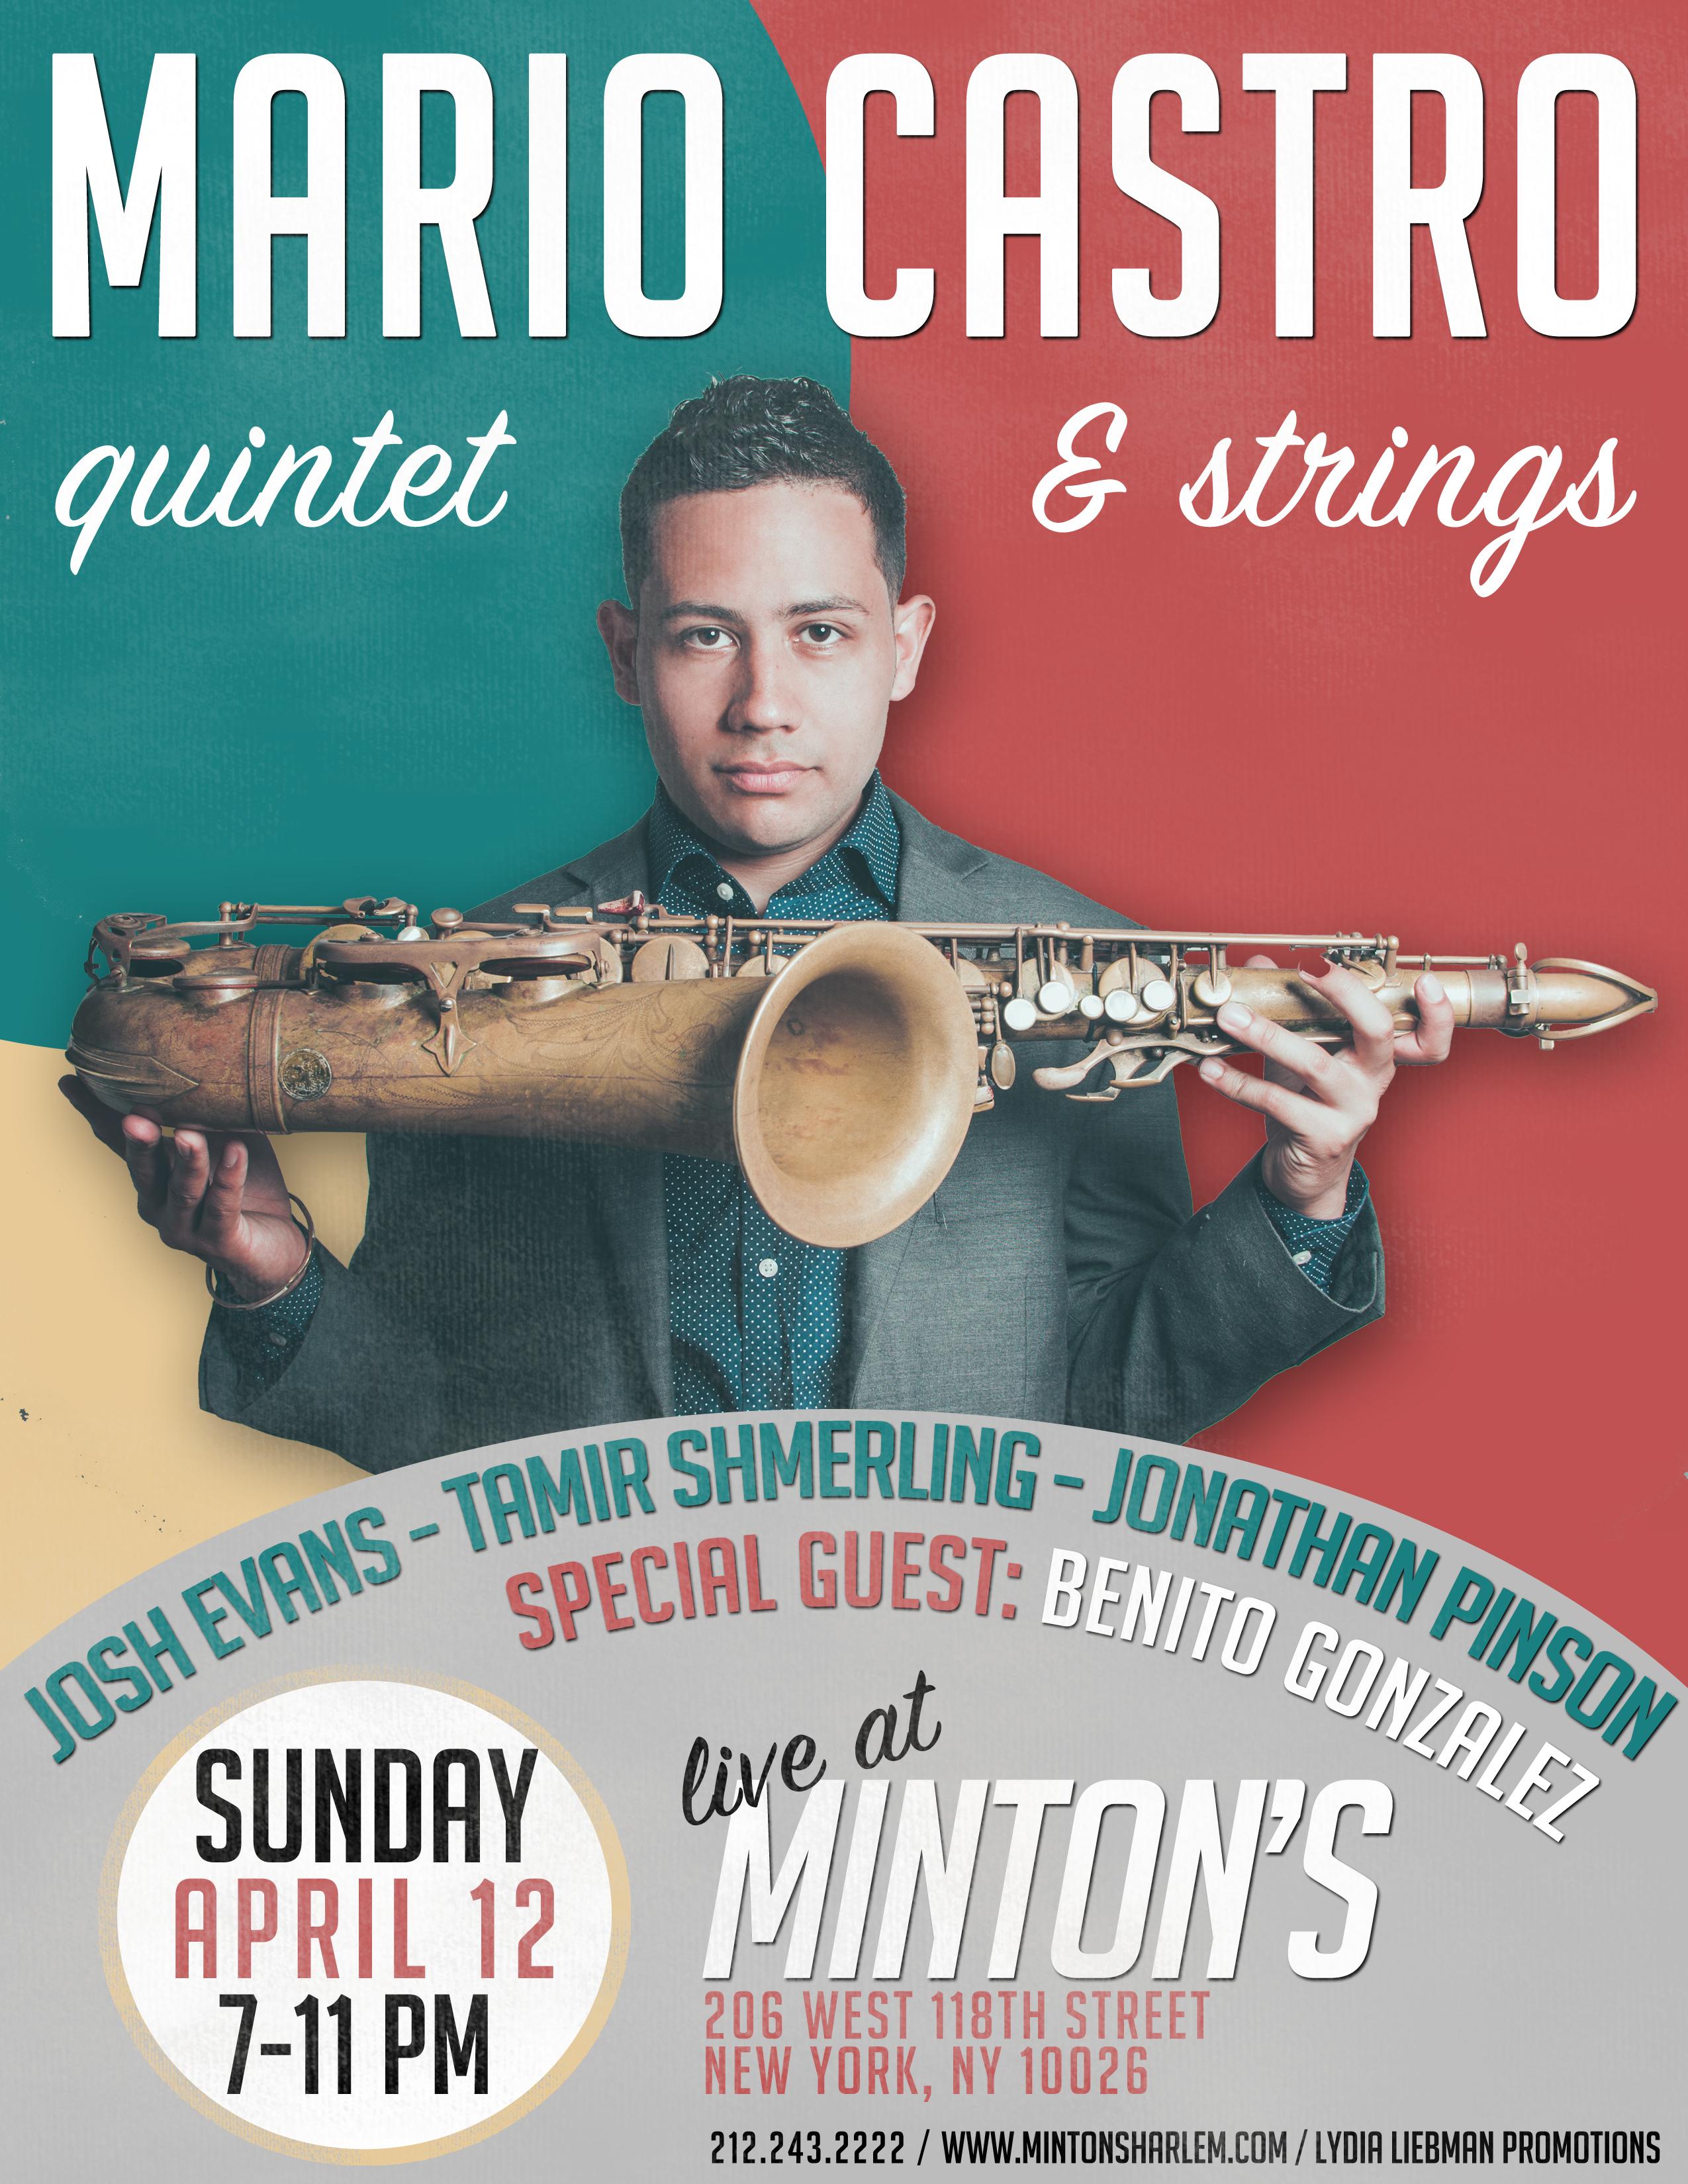 Mario Castro Quintet + Strings, Mintons, NYC, 4/12/15